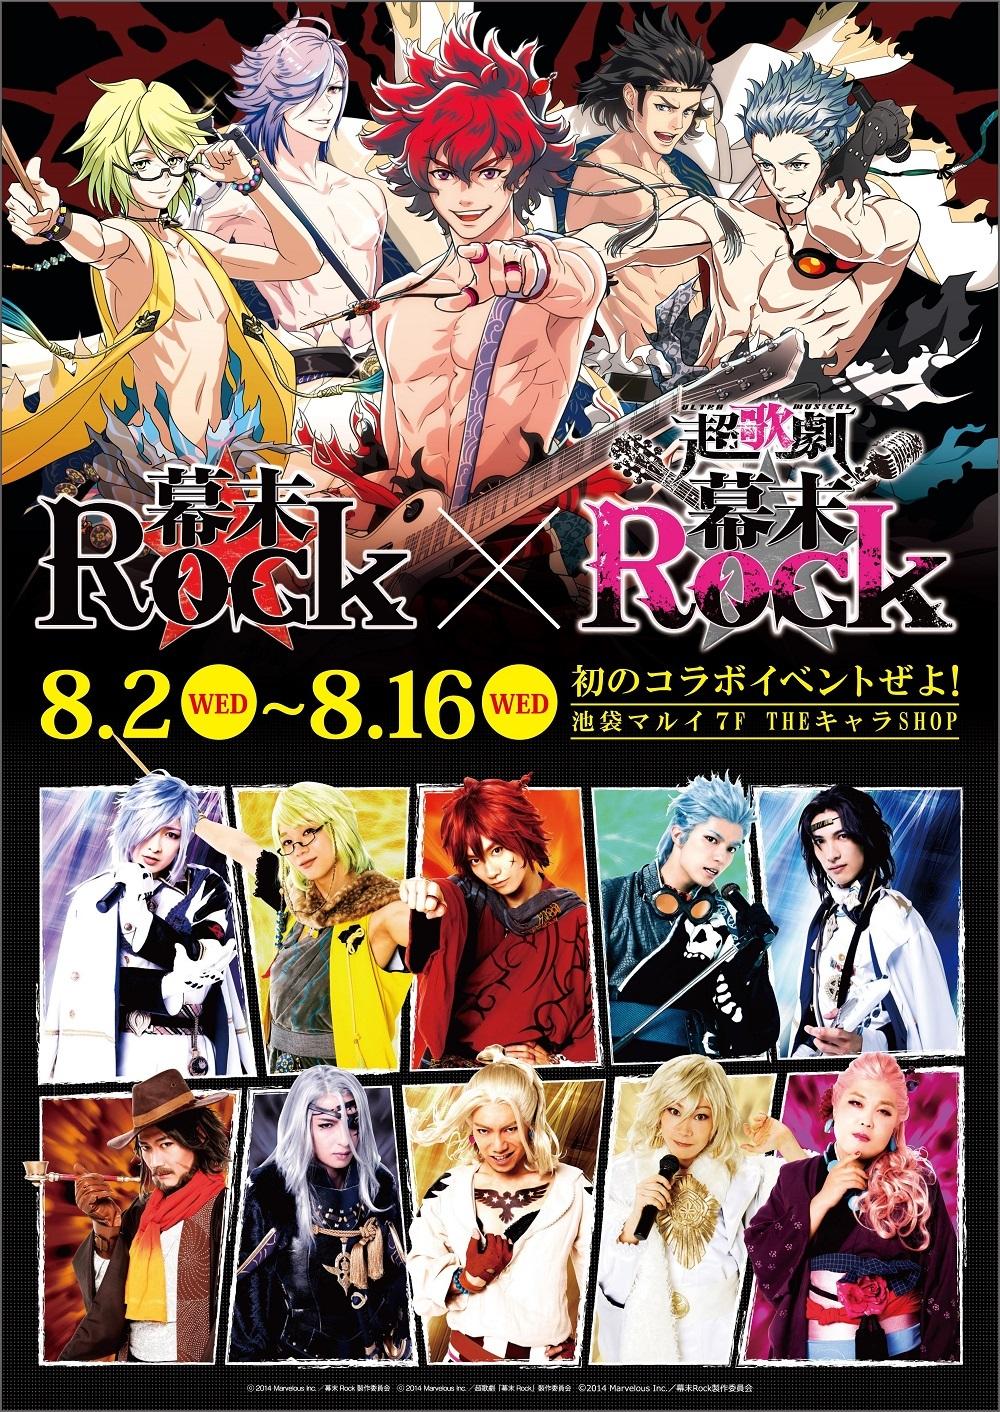 幕末Rock×超歌劇(ウルトラミュージカル)『幕末Rock』初のコラボイベントぜよ!